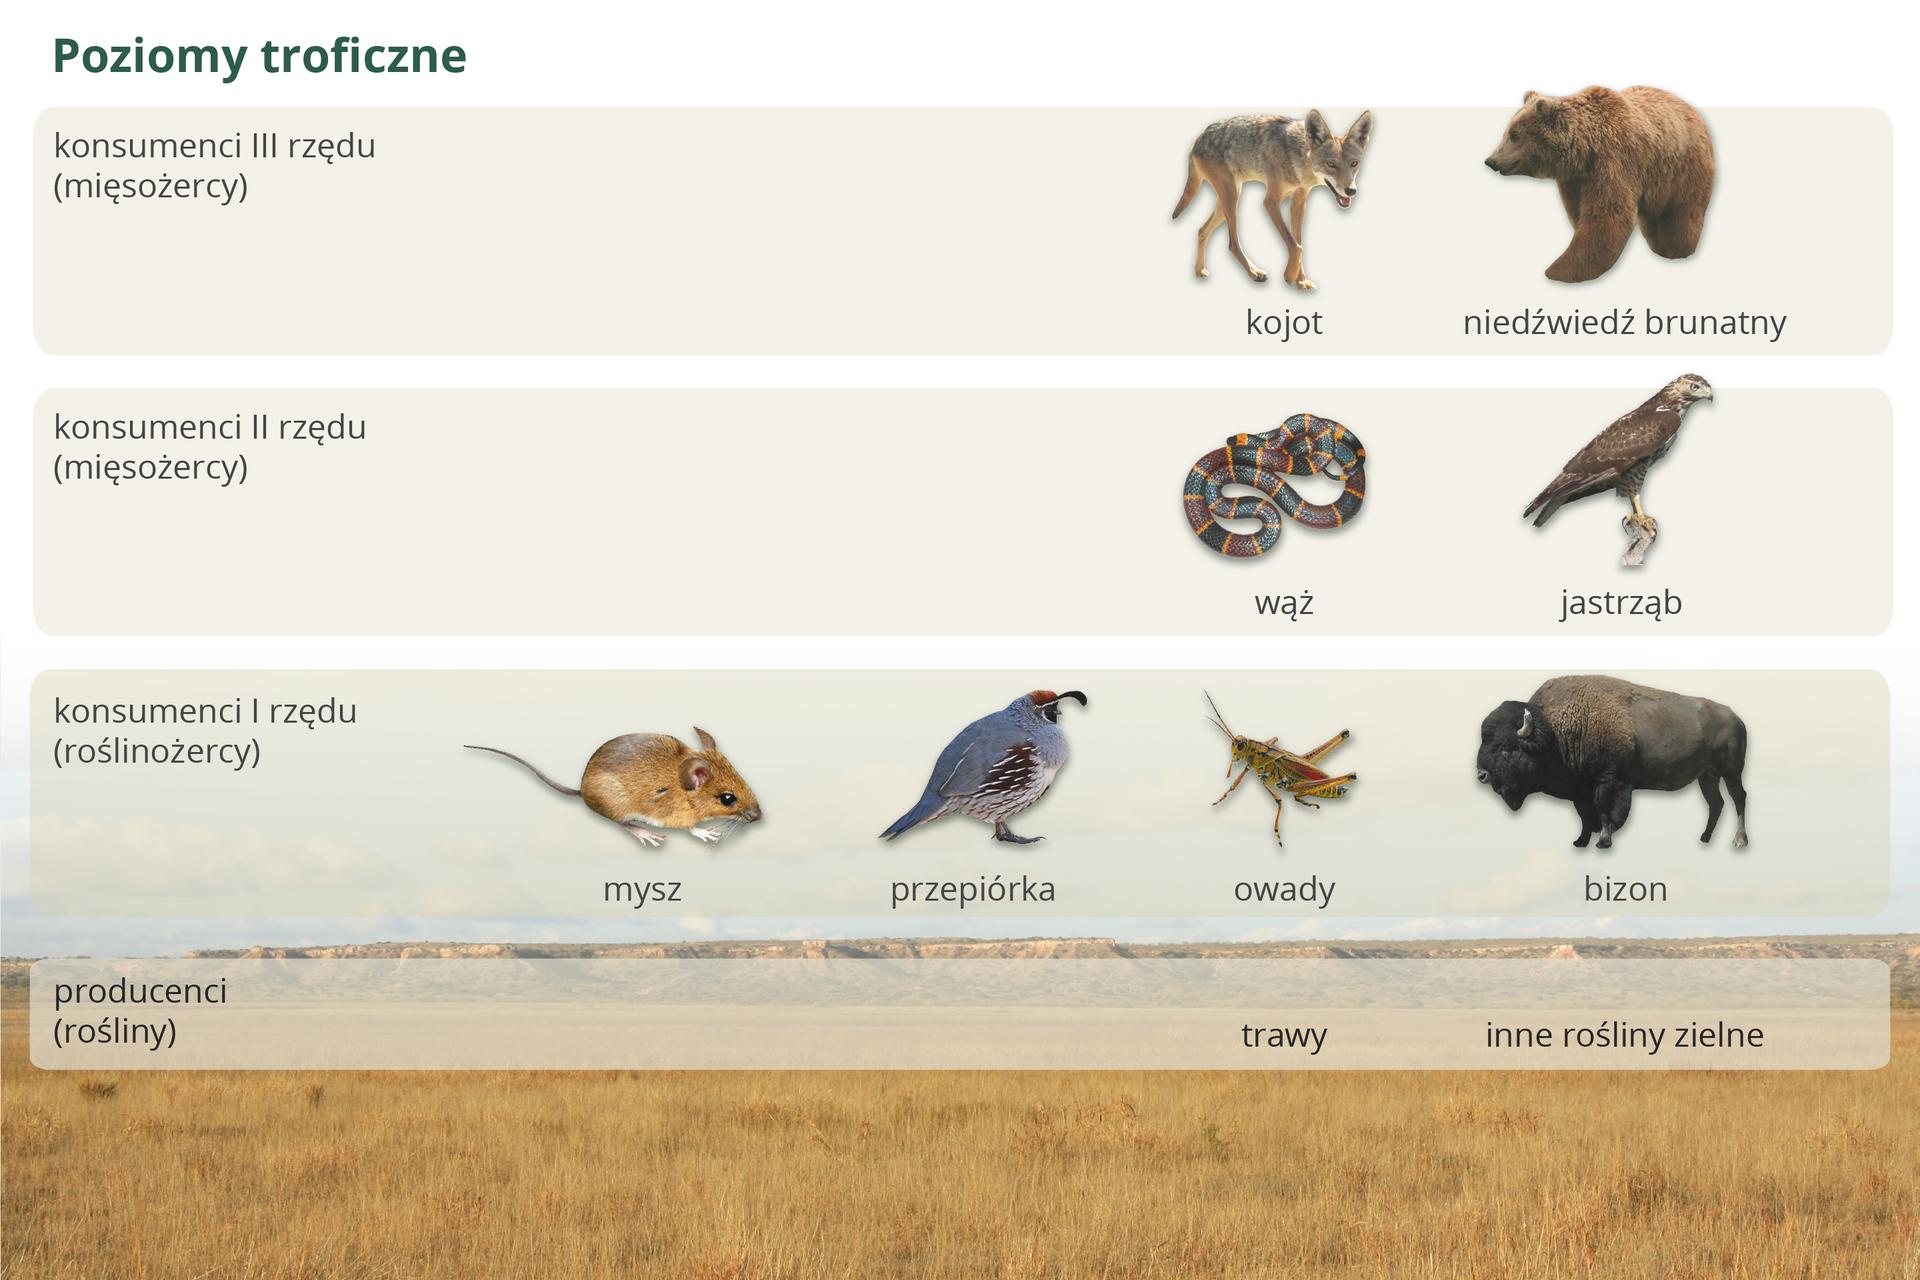 Ilustracja przedstawia poziomy troficzne stepu wpostaci czterech opisanych pasów. Udołu pas producentów na tle pożółkłej trawy. Powyżej na szarych pasach kolejnych poziomów znajdują się podpisane wizerunki zwierząt.